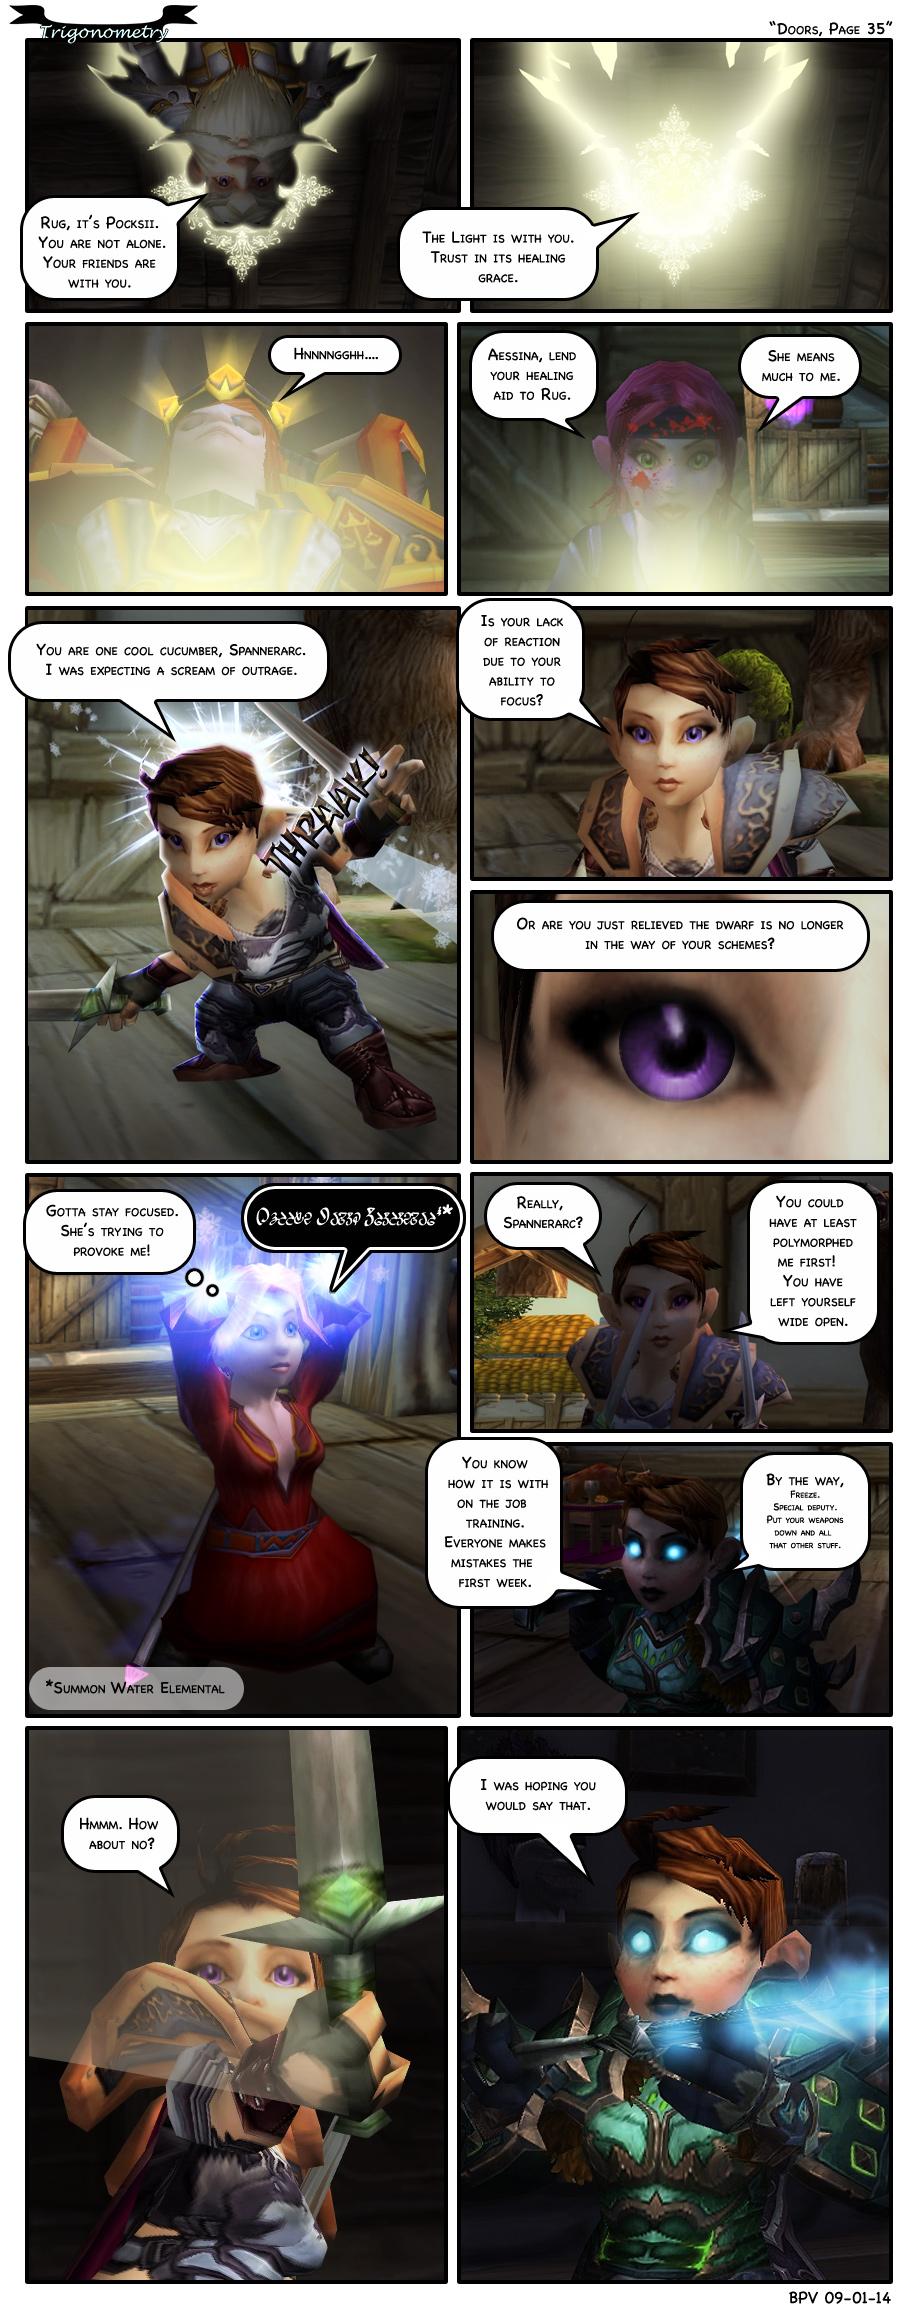 Doors, Page 35